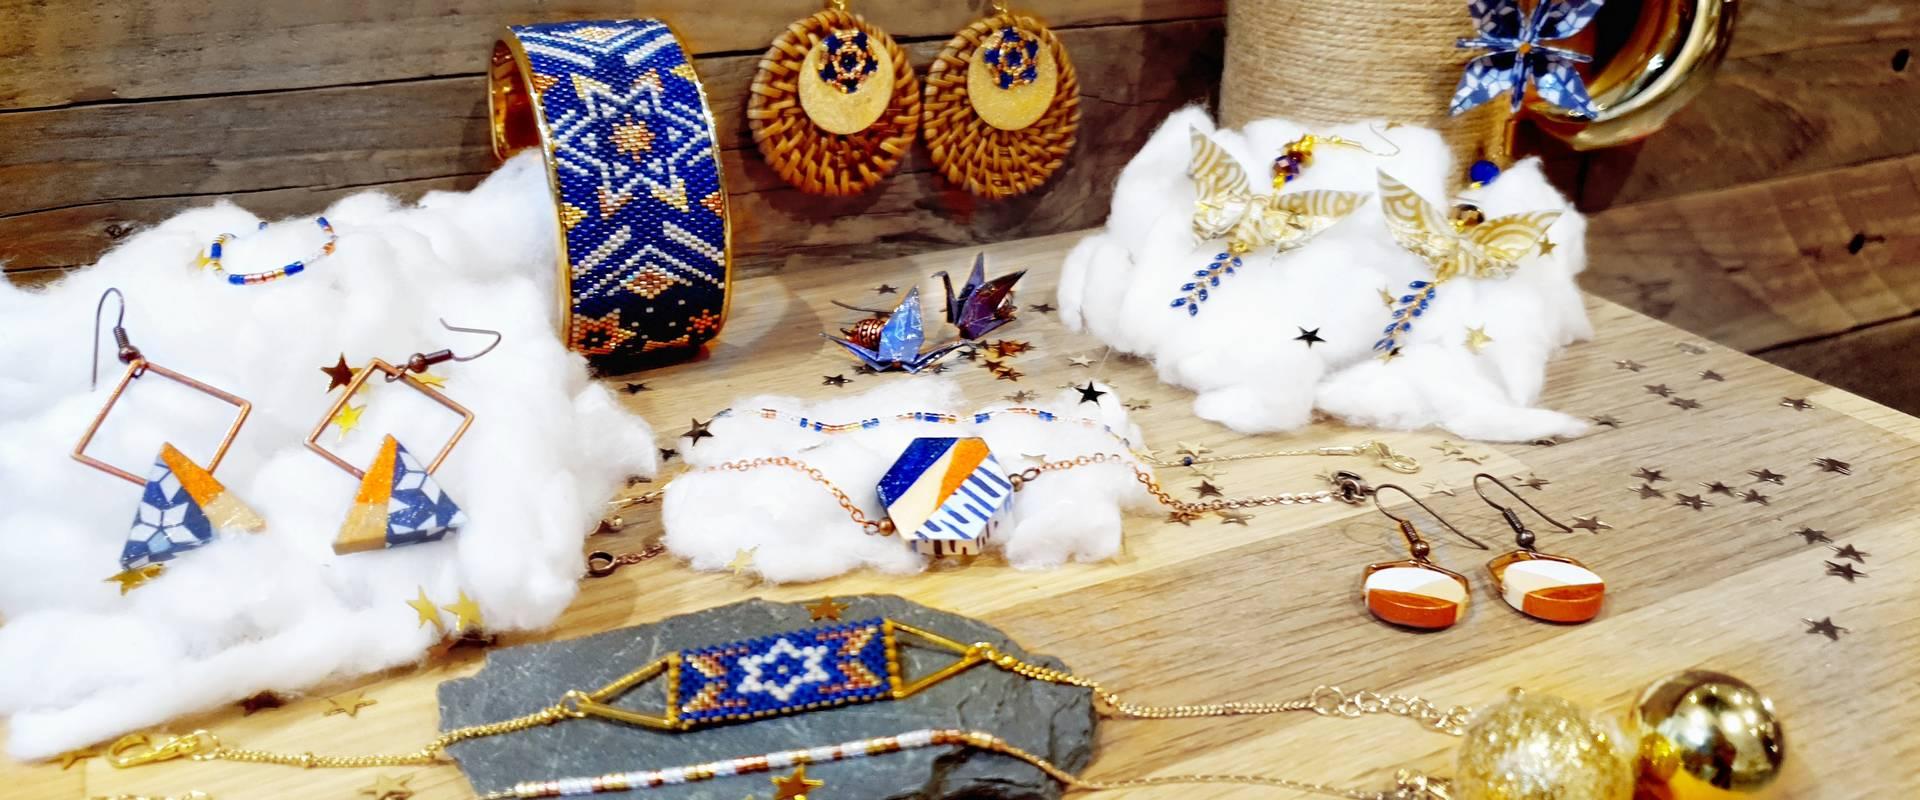 Gebetnout bijoux fantaisie lyon mode tendance bijouterie femme Oullins artisan collection hiver milky way bleu doré cuivré étoile